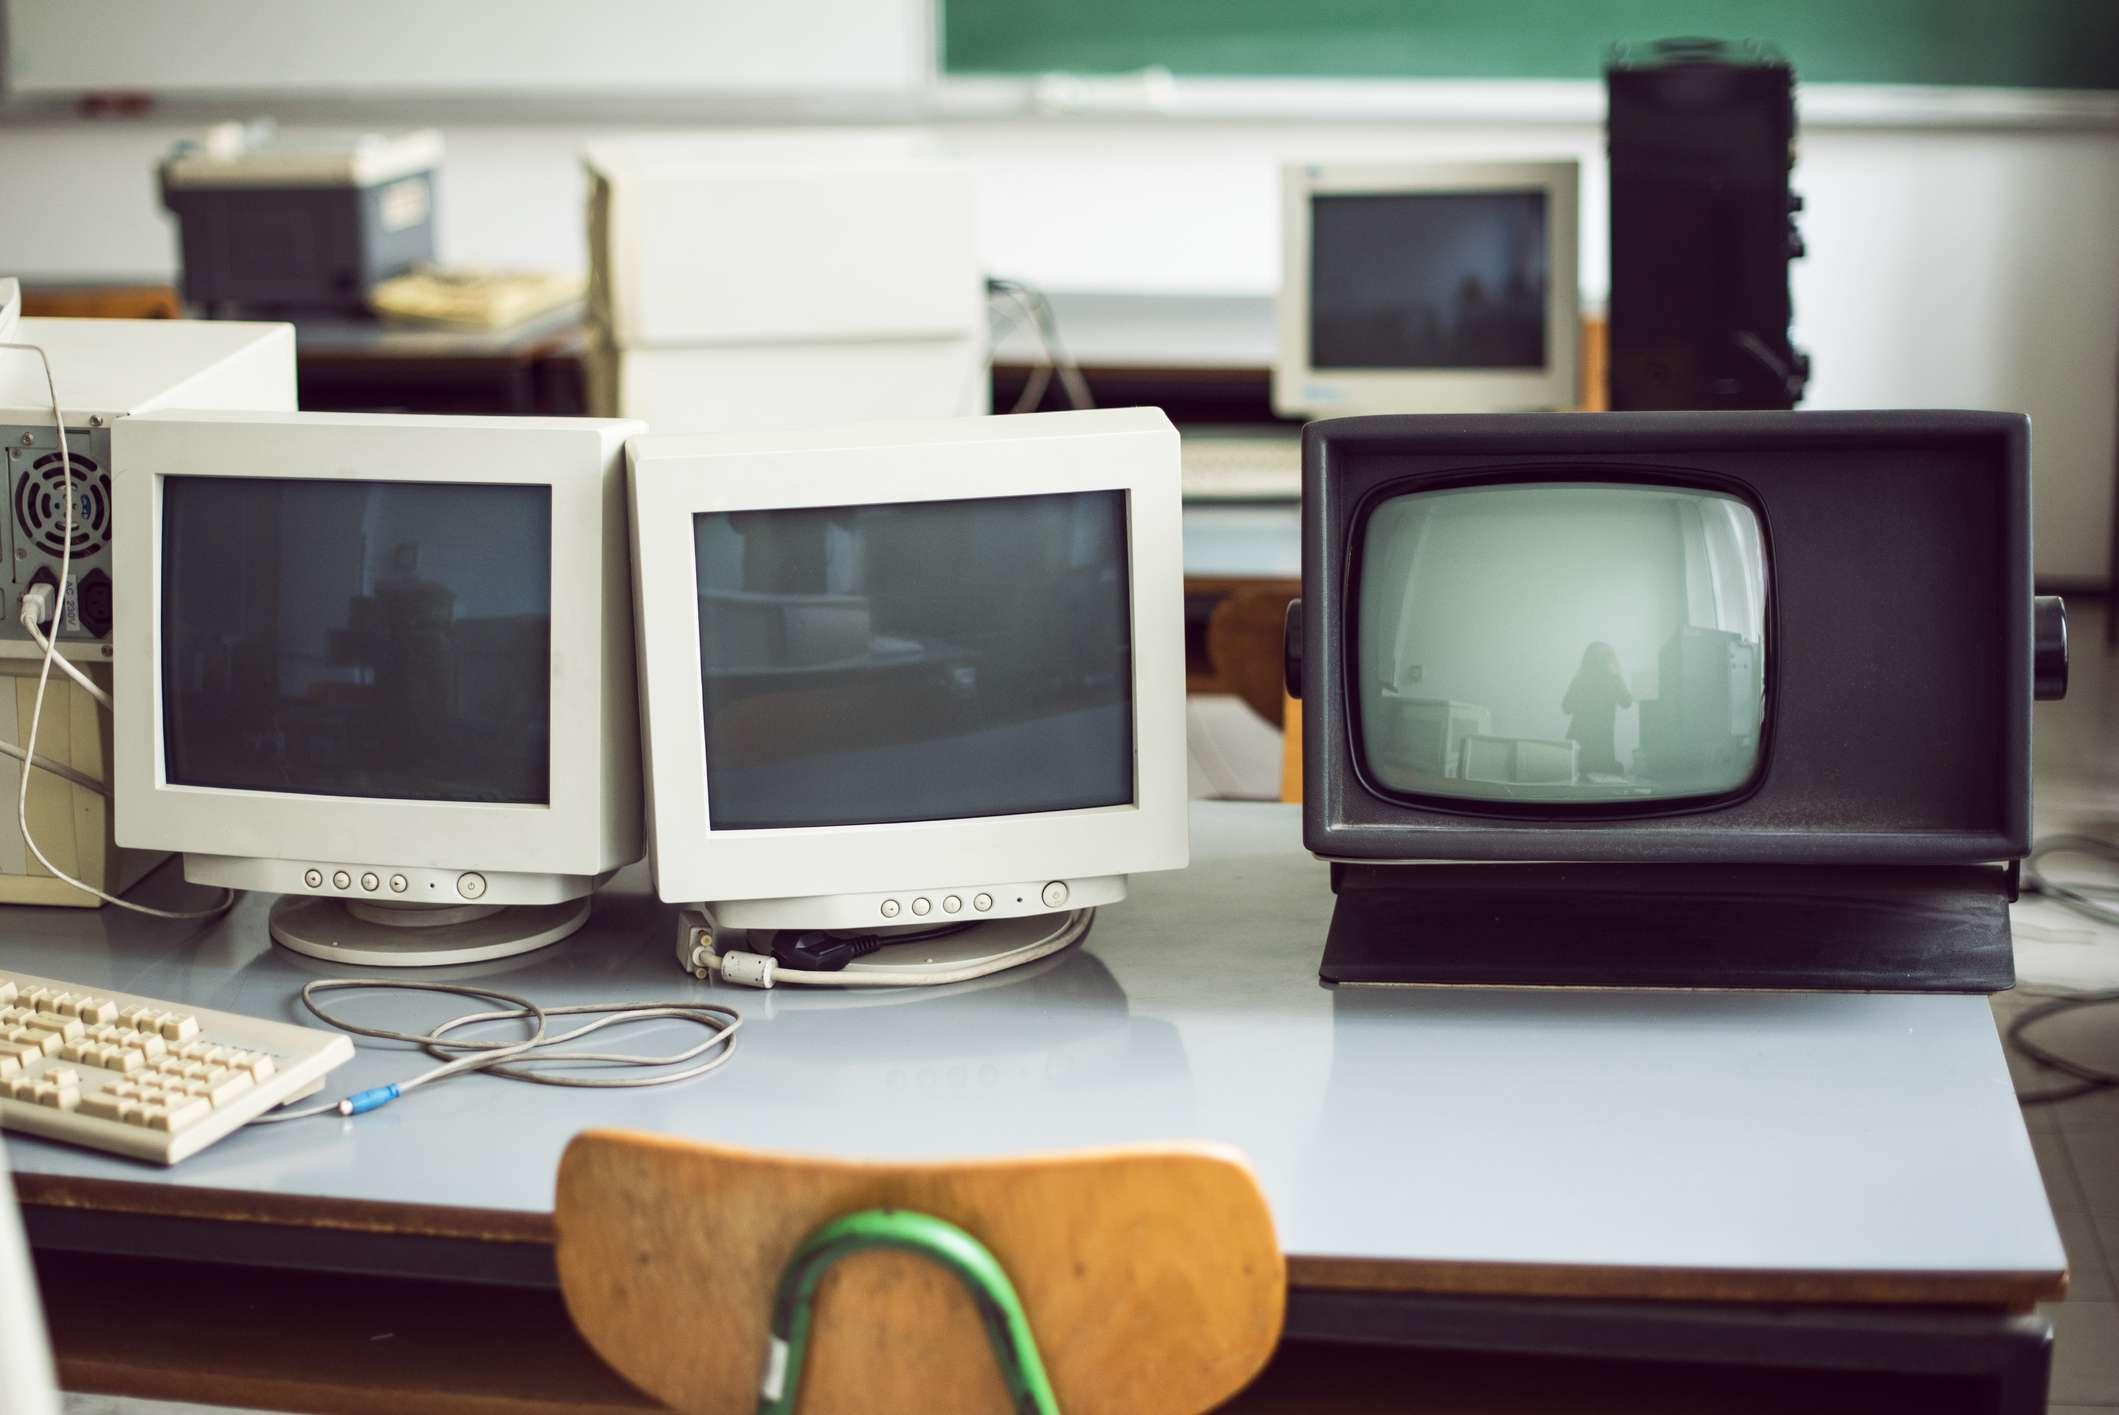 Older CRT monitors on a desk.